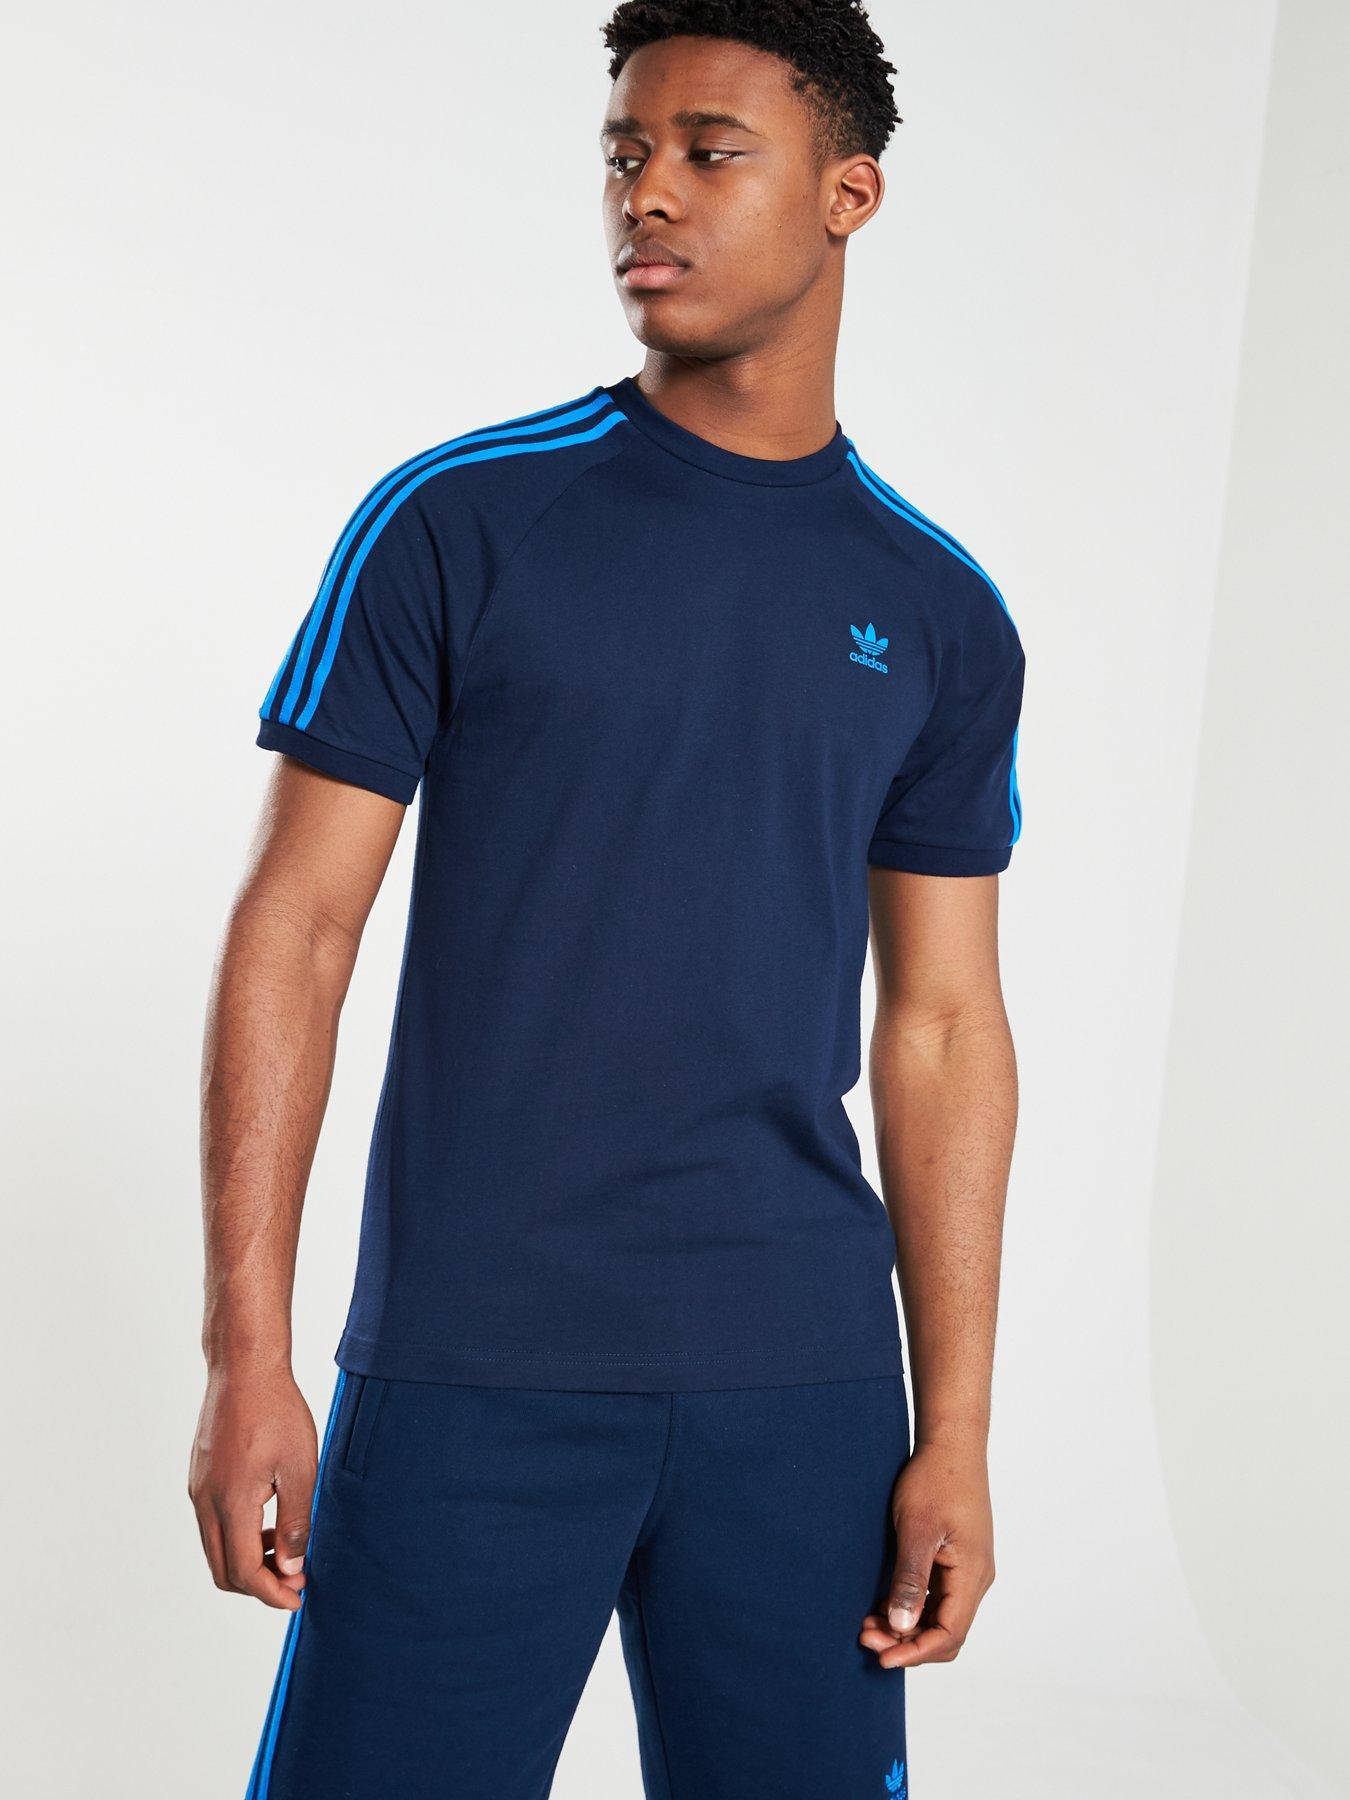 Adidas T Shirts | Shop Adidas T Shirts at Very.co.uk